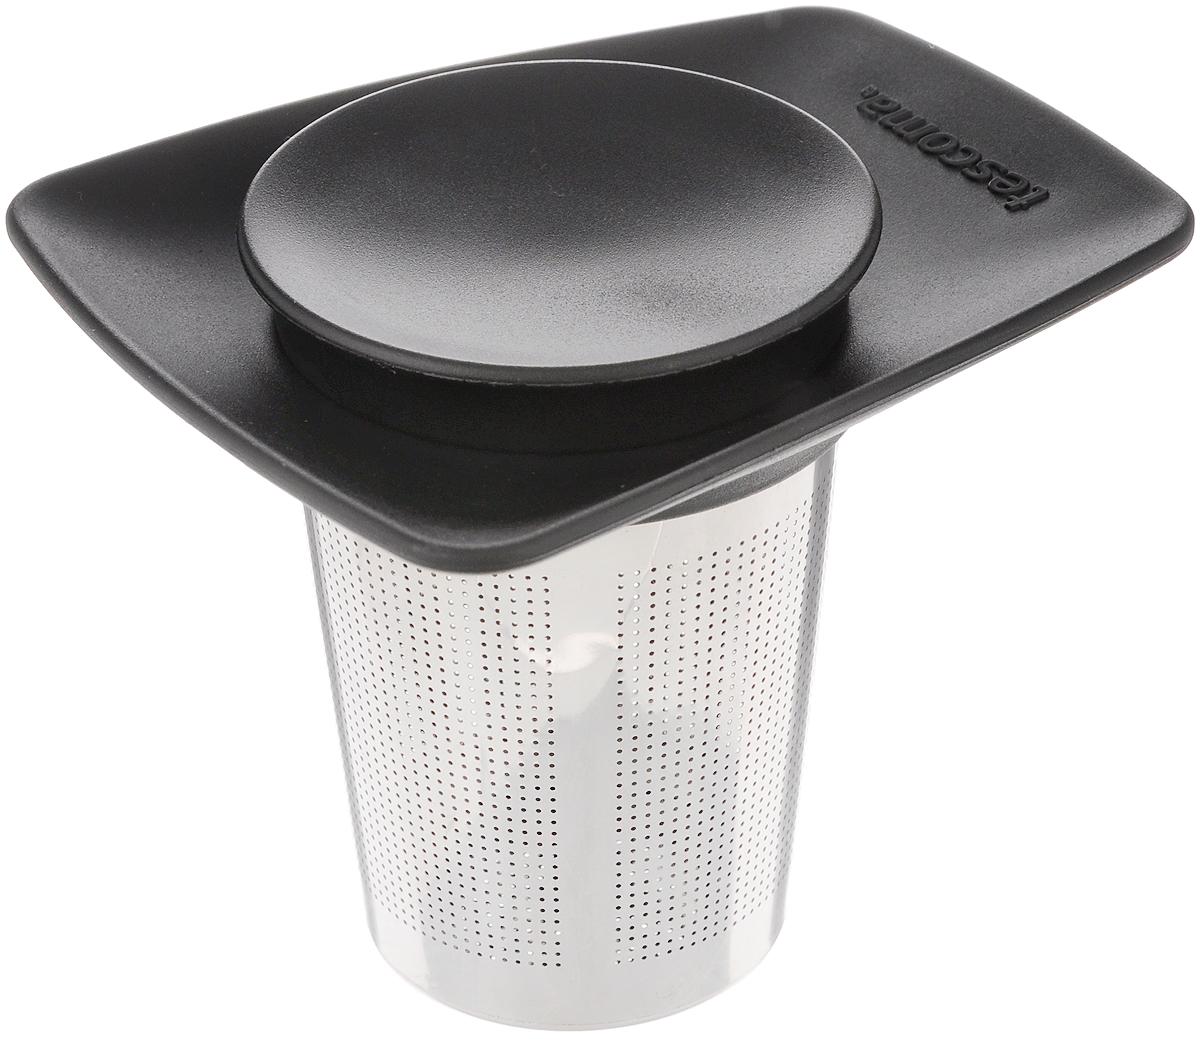 Ситечко для чая Tescoma Teo, с крышкой646668Ситечко Tescoma Teo, выполненное из высококачественной нержавеющей стали и пластика, предназначено для заваривания чая. Ситечко удобно в использовании, имеет современный дизайн и займет достойное место на вашей кухне. С таким ситечком очень удобно заваривать любимый чай. Можно мыть в посудомоечной машине. Высота: 8,5 см. Диаметр рабочей части: 5,5 см.